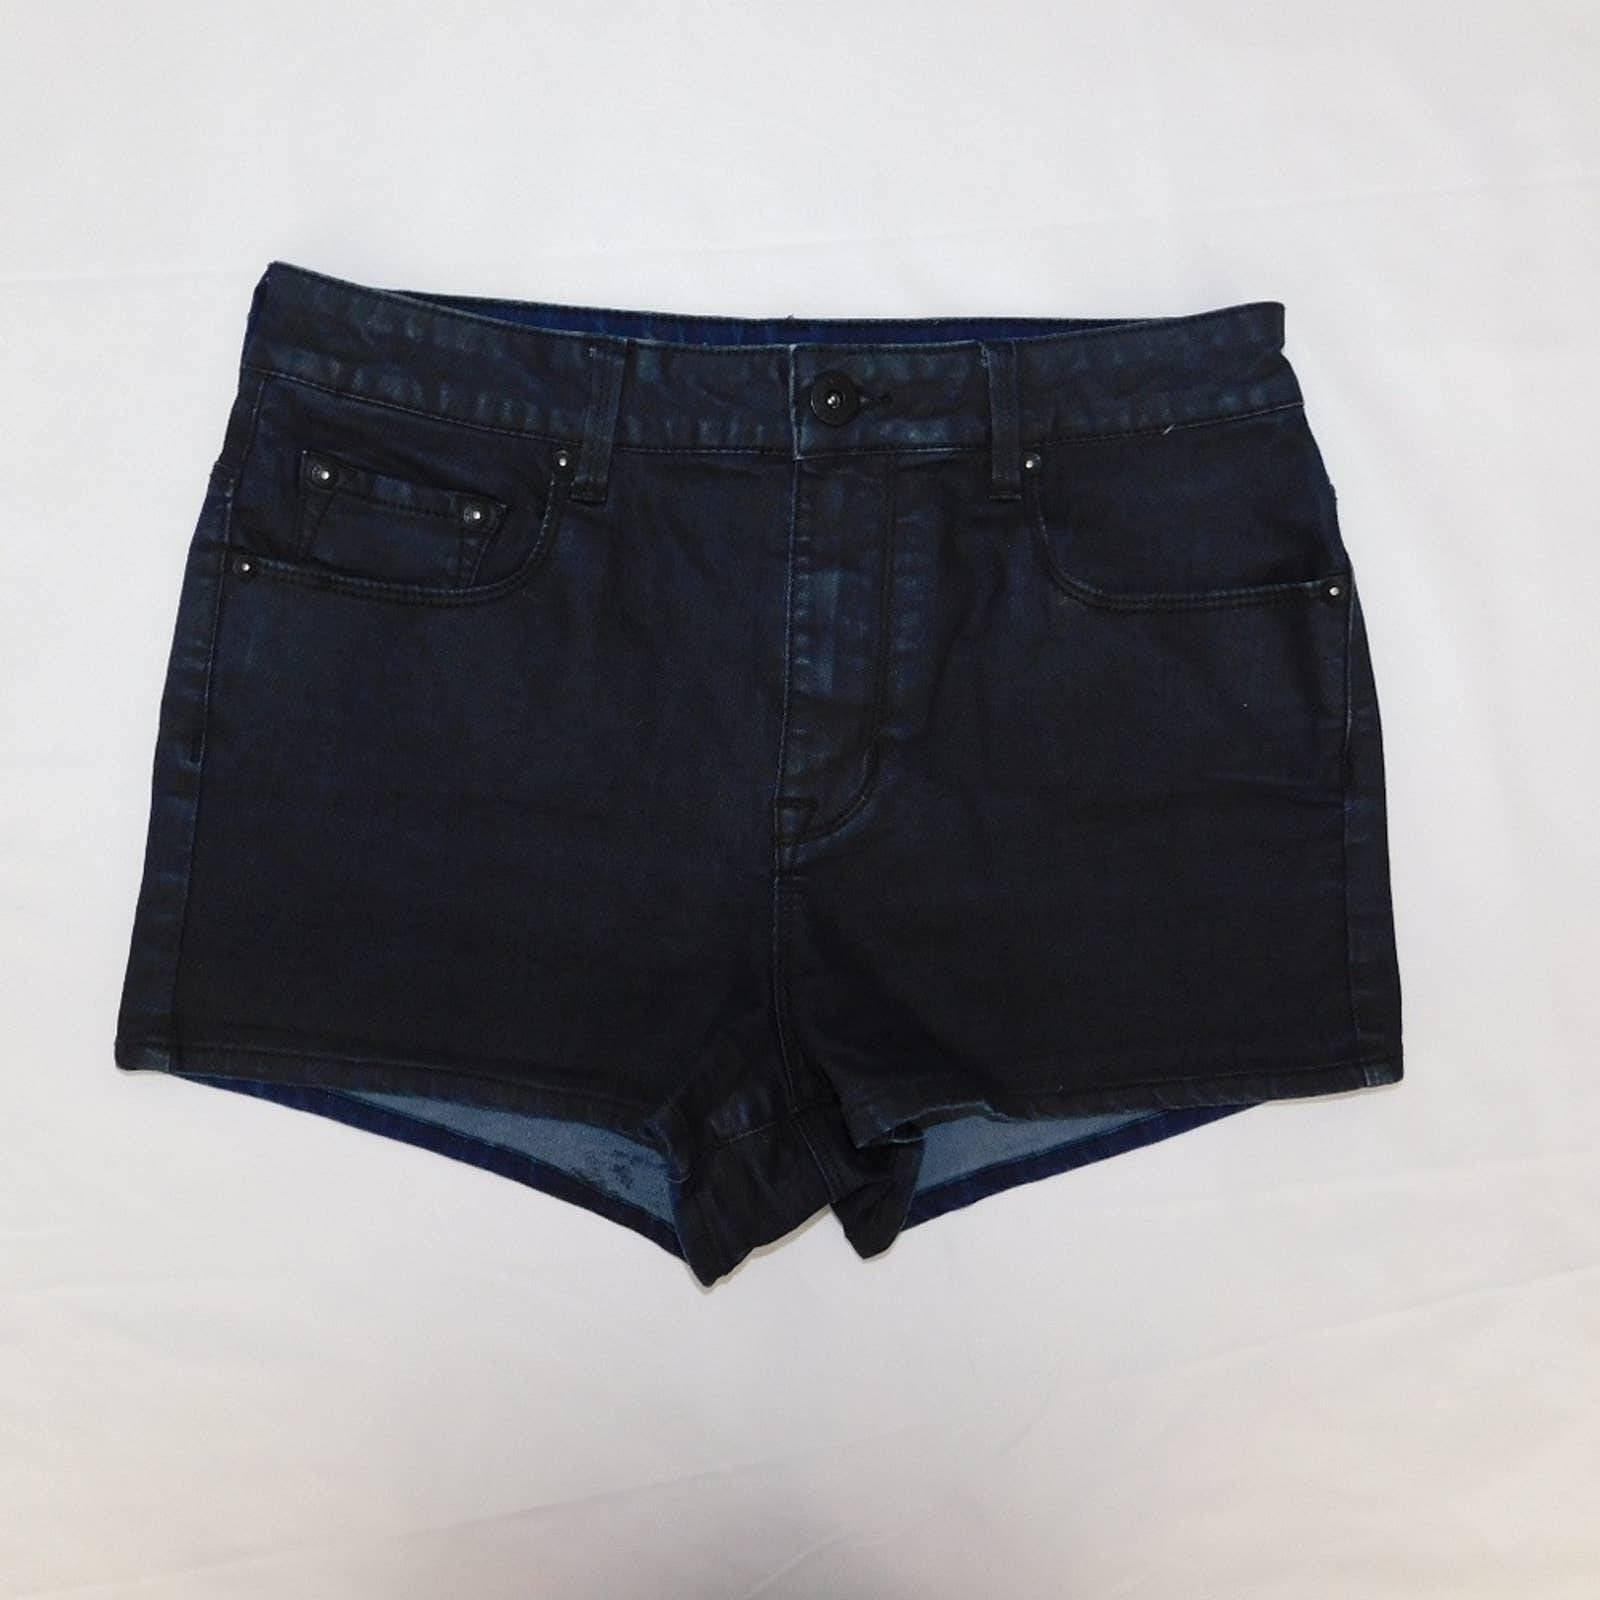 Bullhead Denim Co. Shorts Size 11